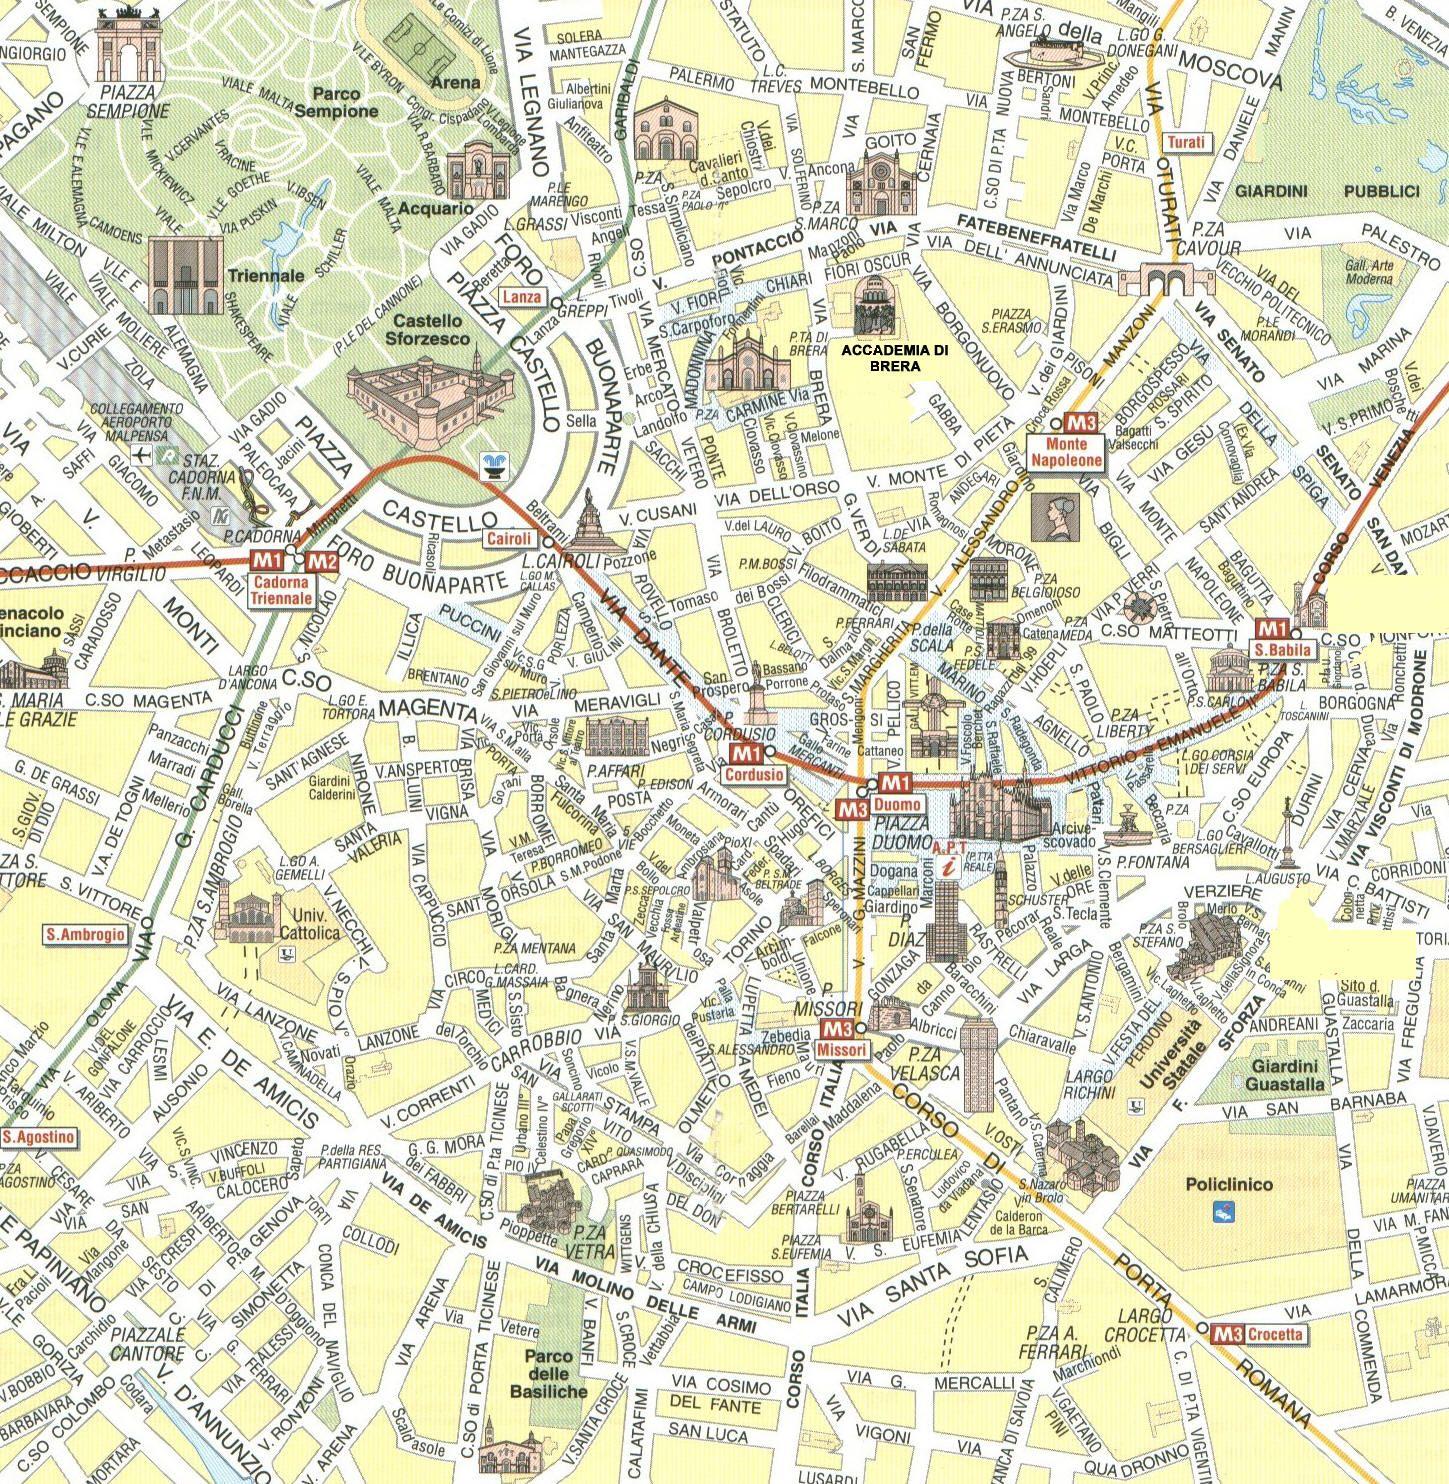 Cartina Dellitalia Milano.Pin Di Ivan Ivanovi Su Milano Milano Mappa Mappe